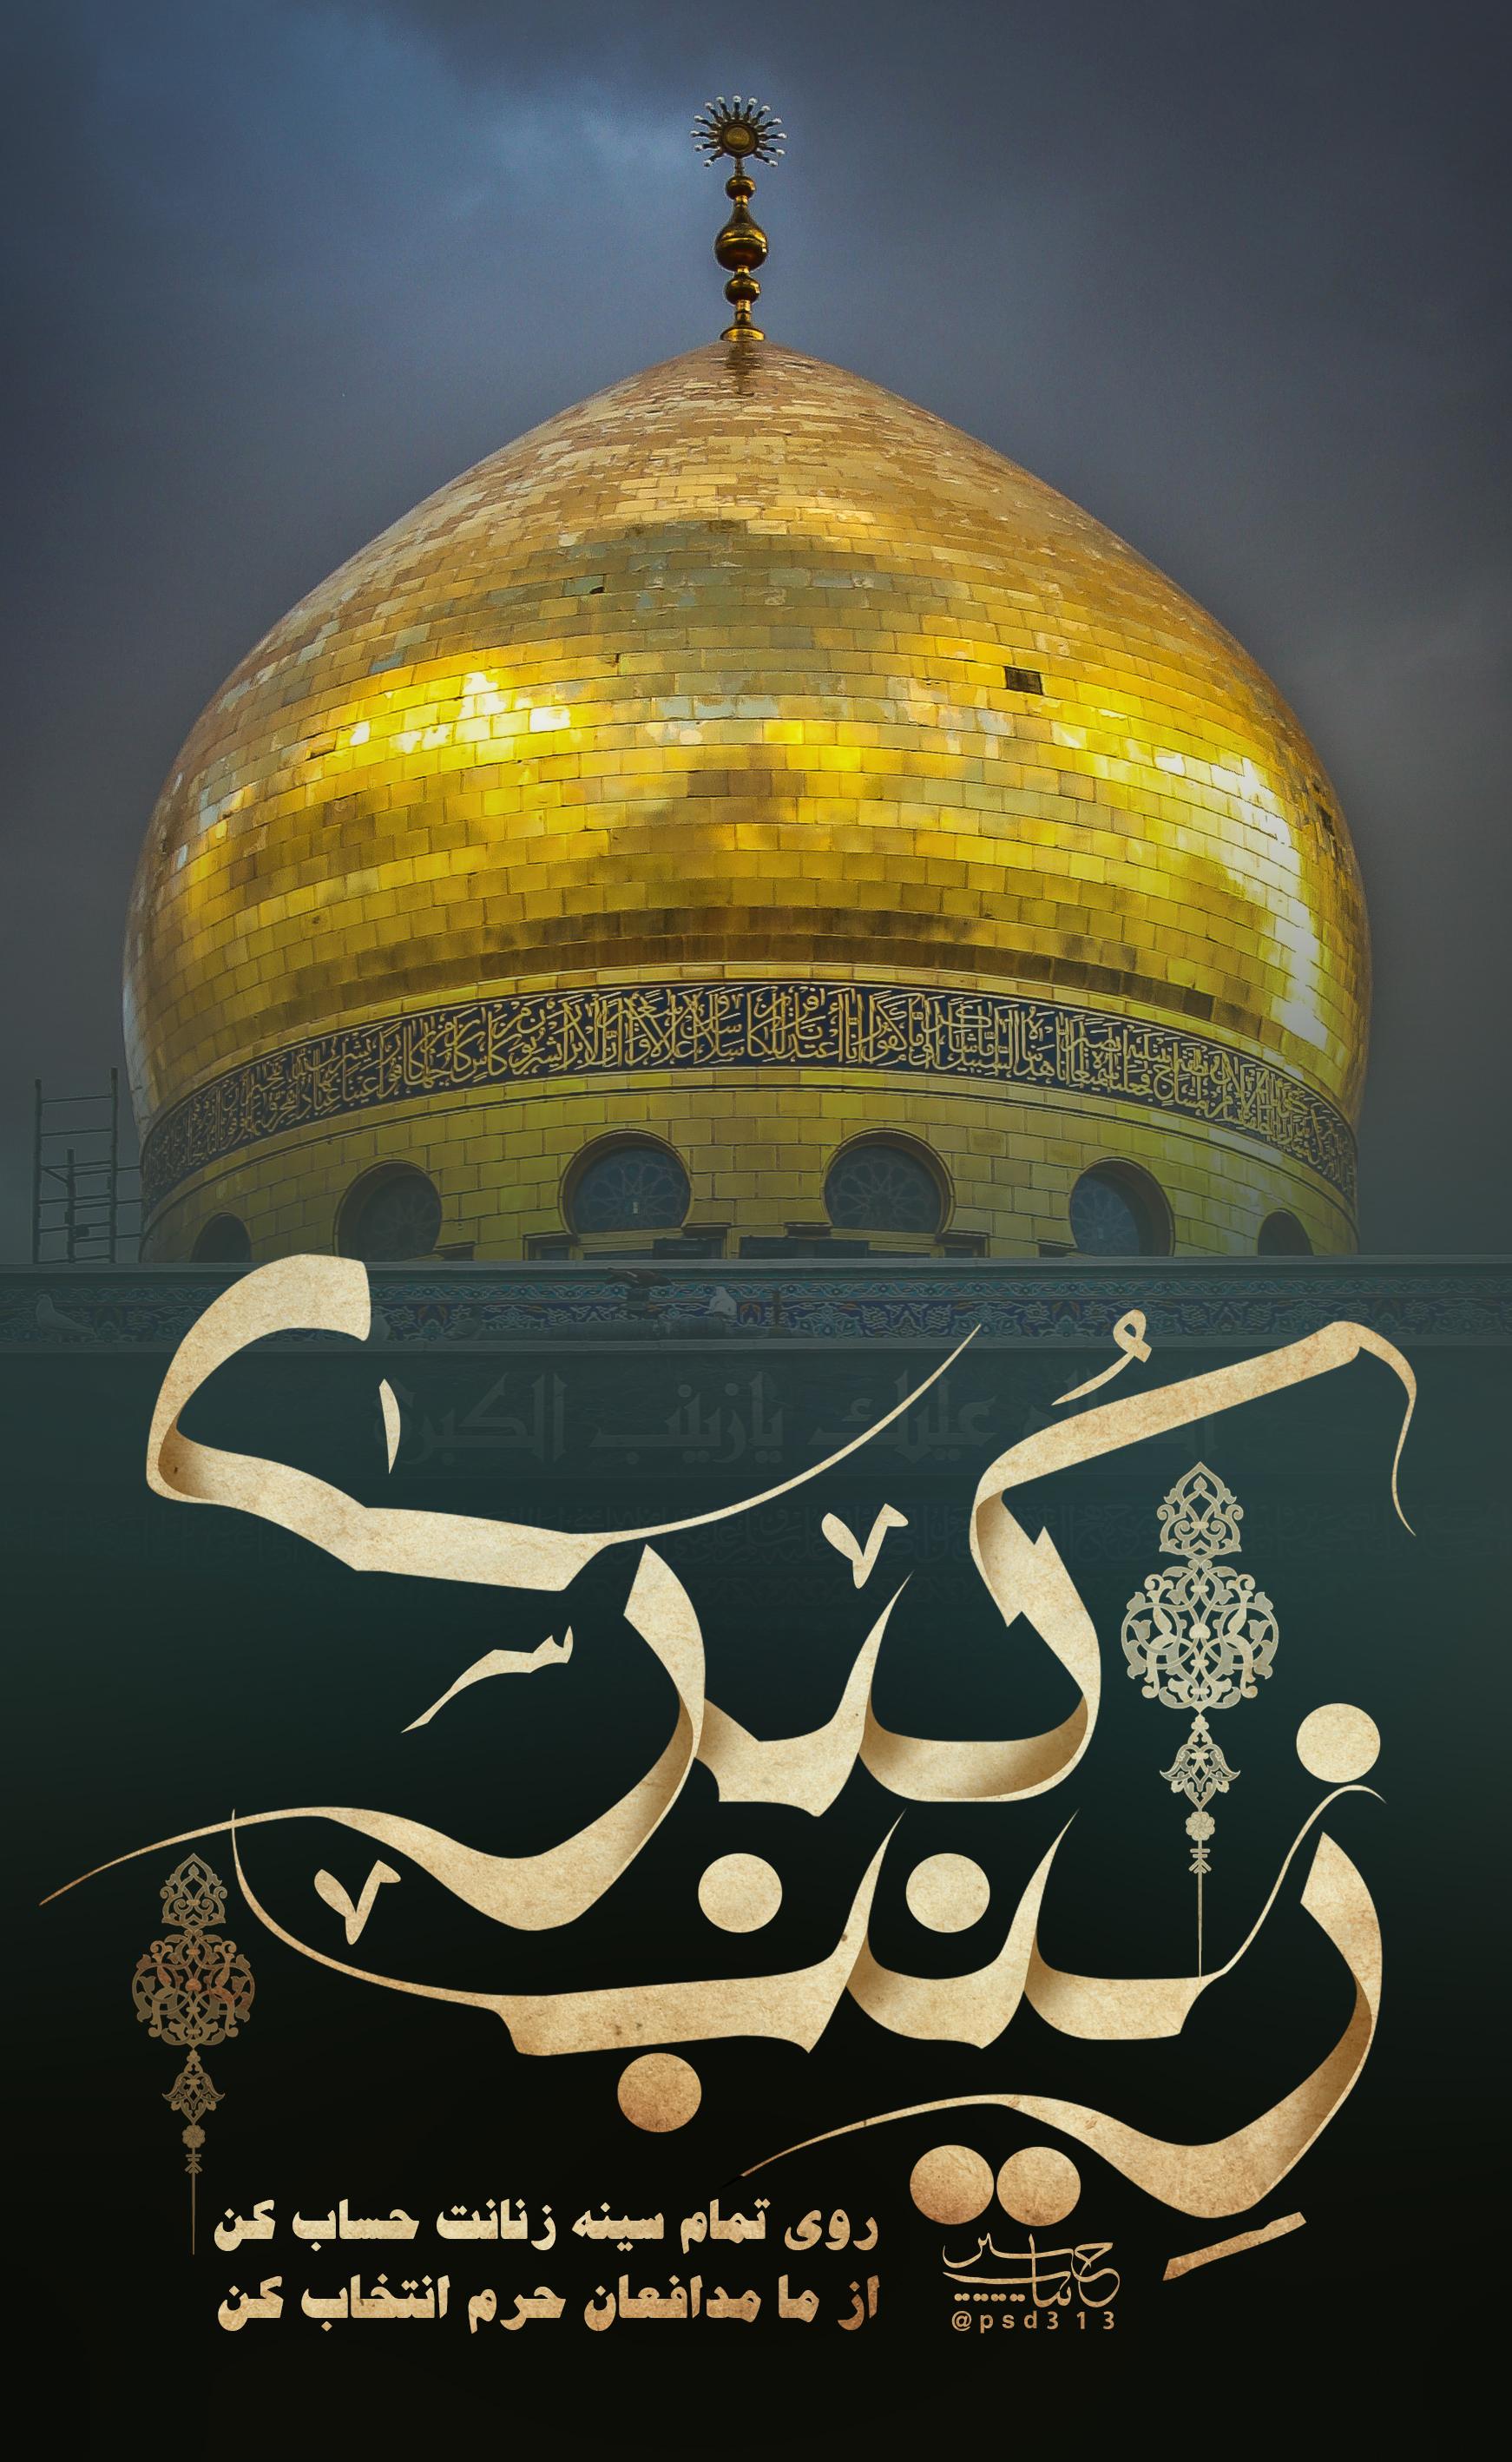 پس زمینه گنبد حرم حضرت زینب کبری علیها السلام